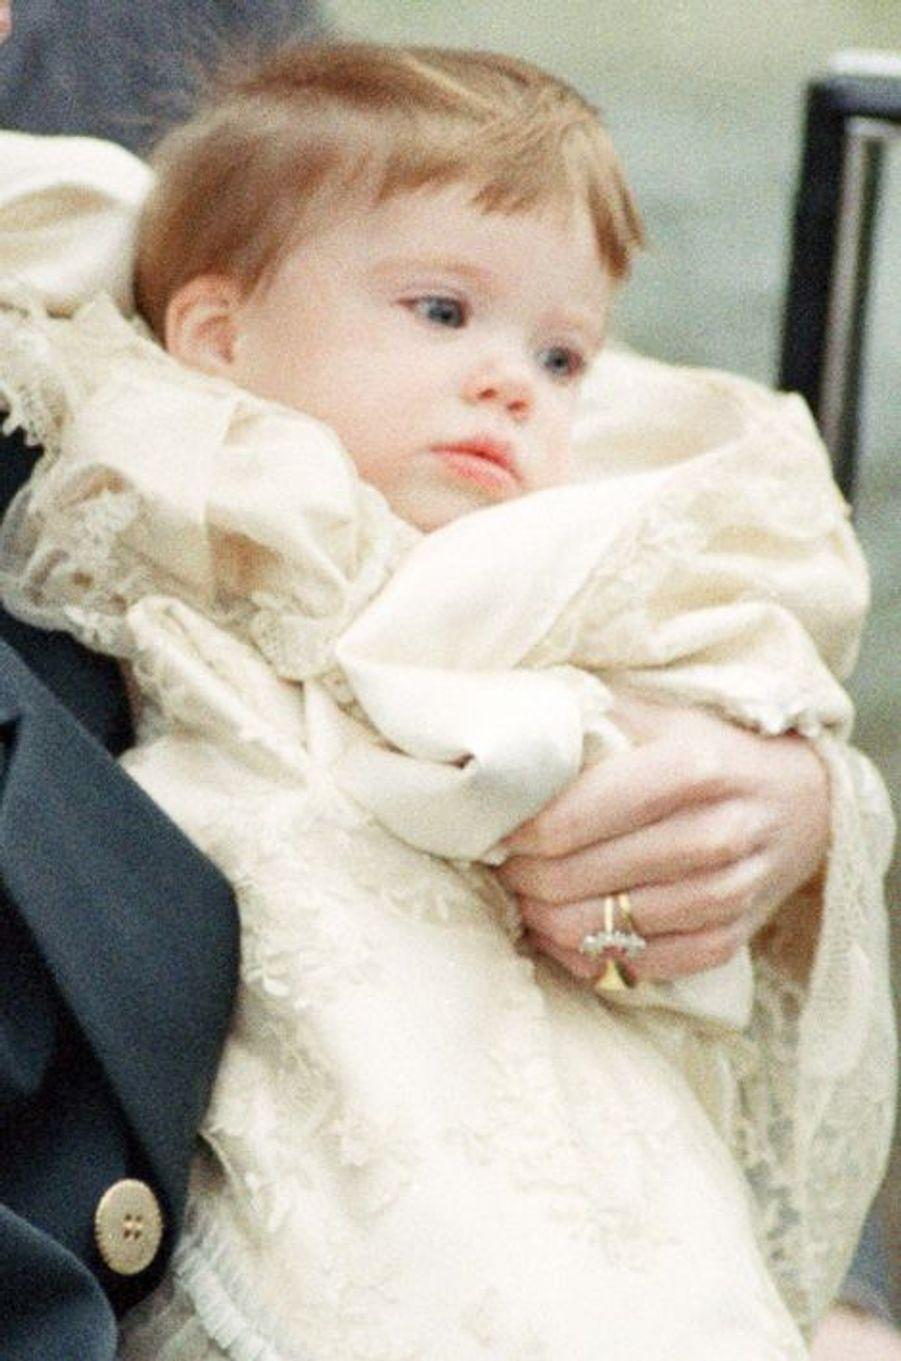 La princesse Eugénie d'York à 9 mois, le 23 décembre 1990